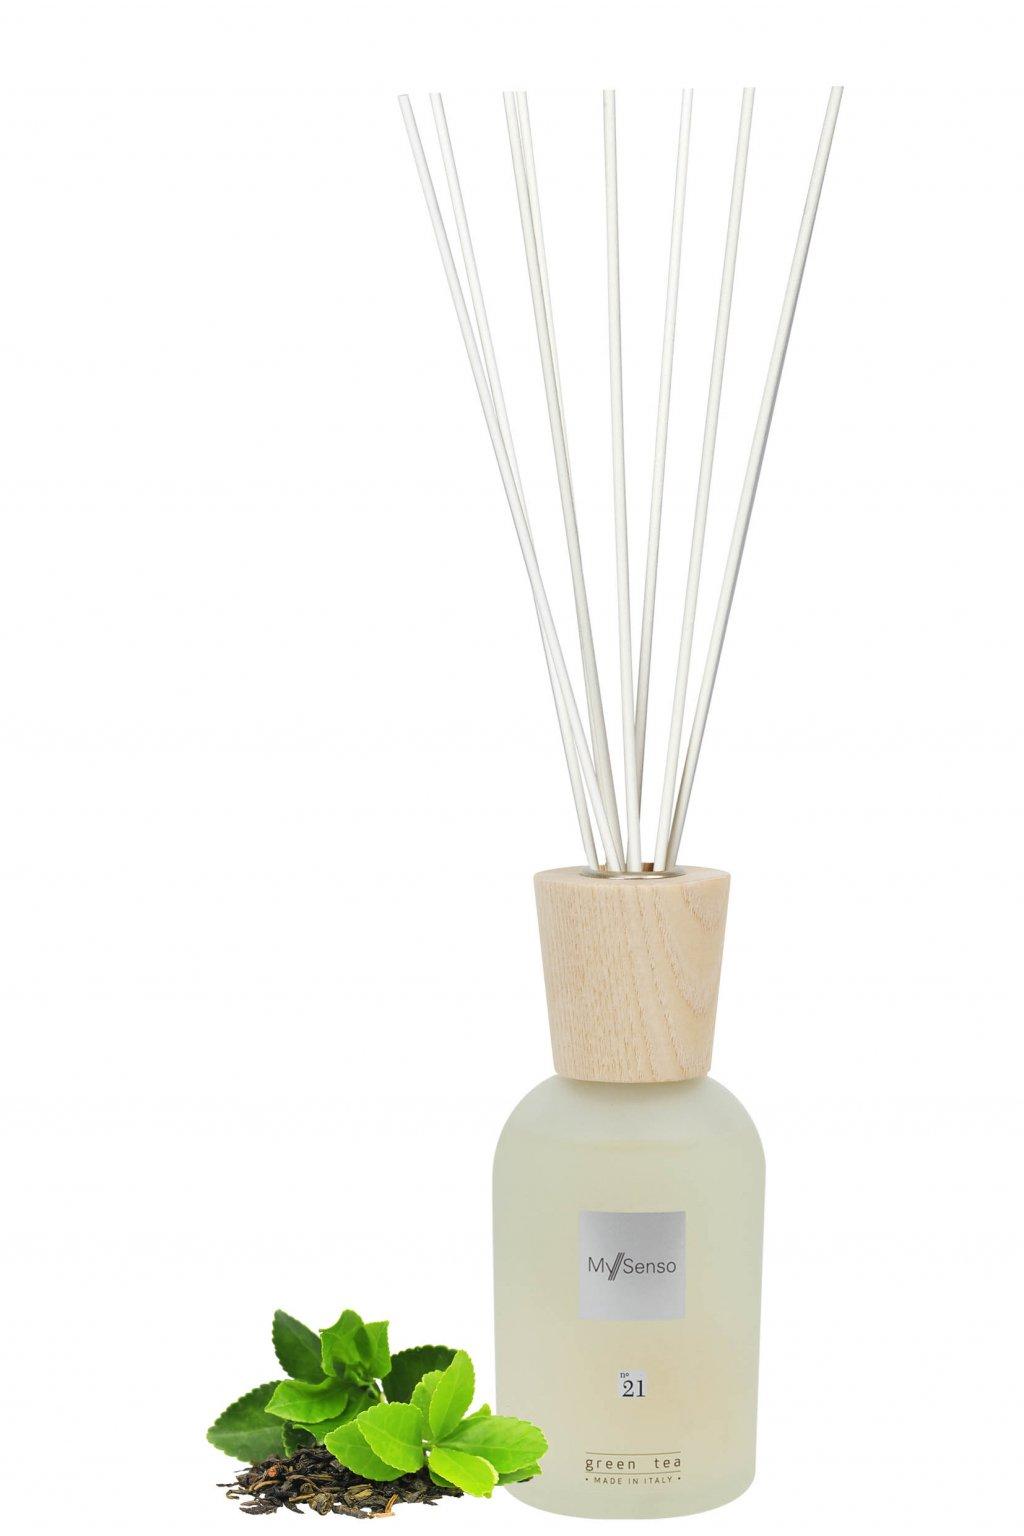 129 my senso aromaticky difuzer premium n 21 green tea 240ml zeleny caj